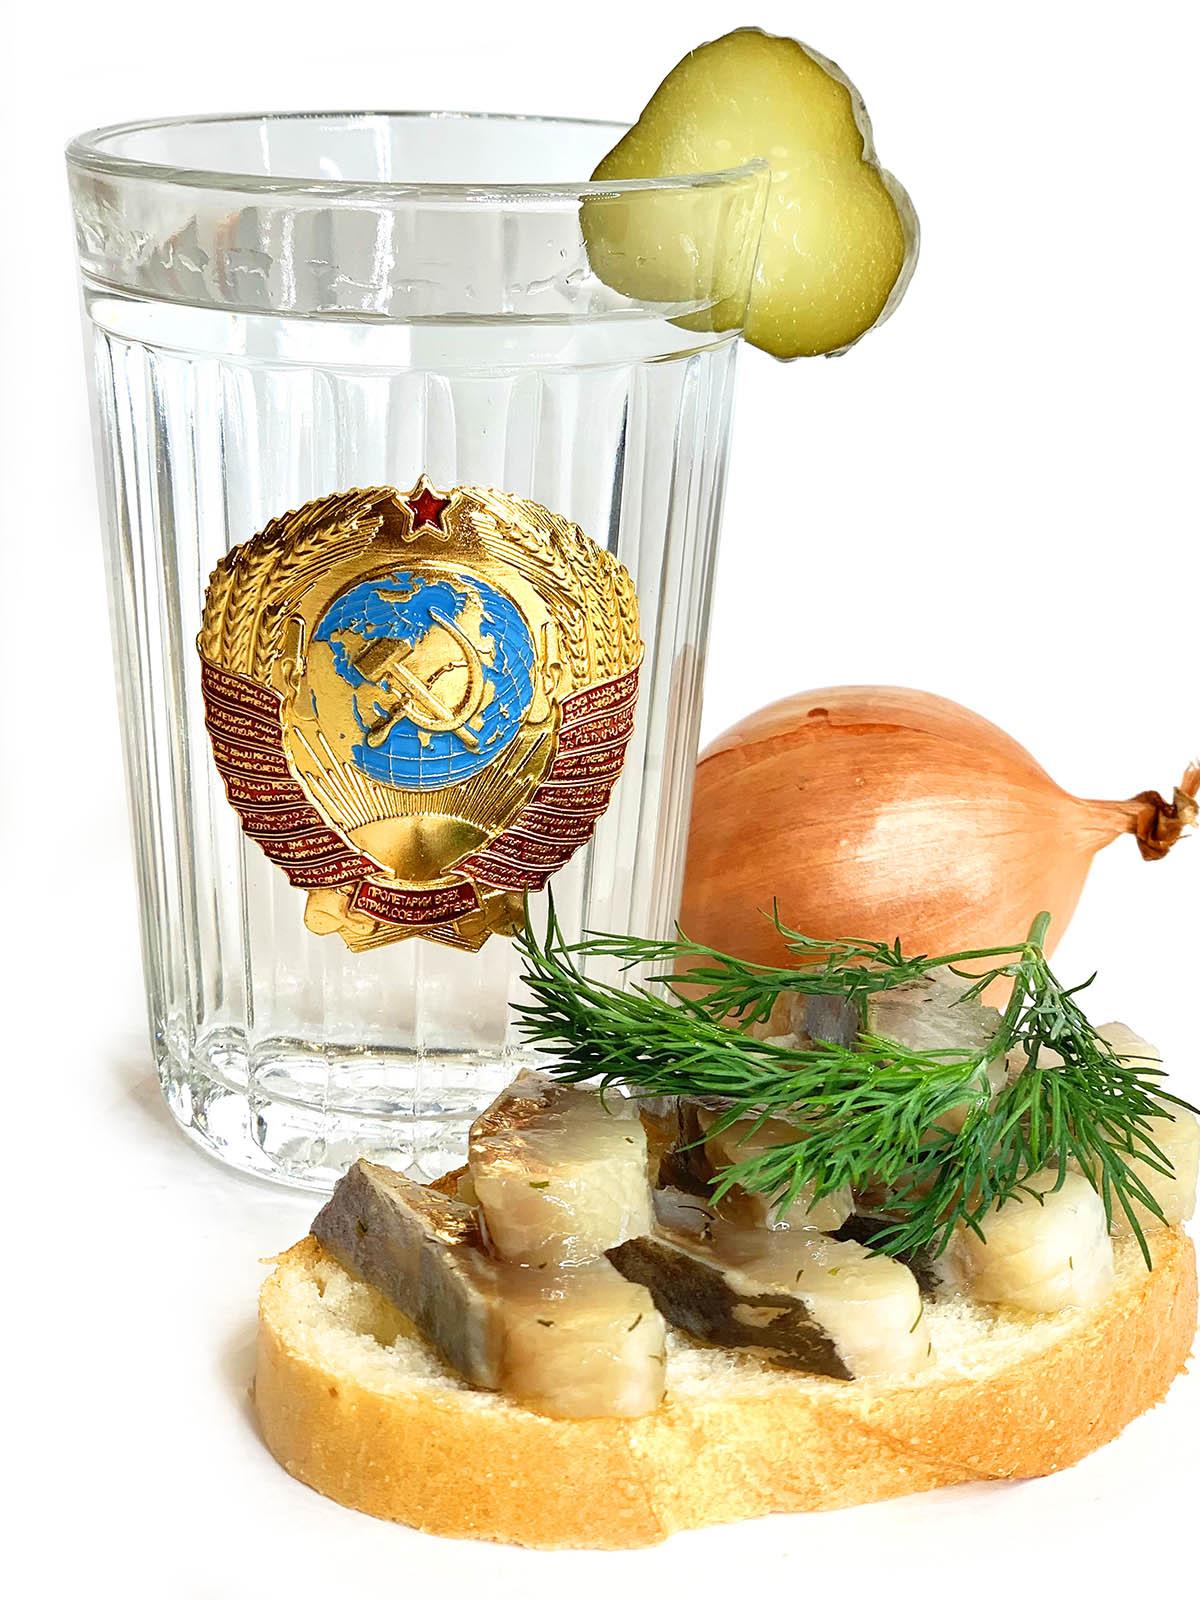 Купить стакан с советской символикой